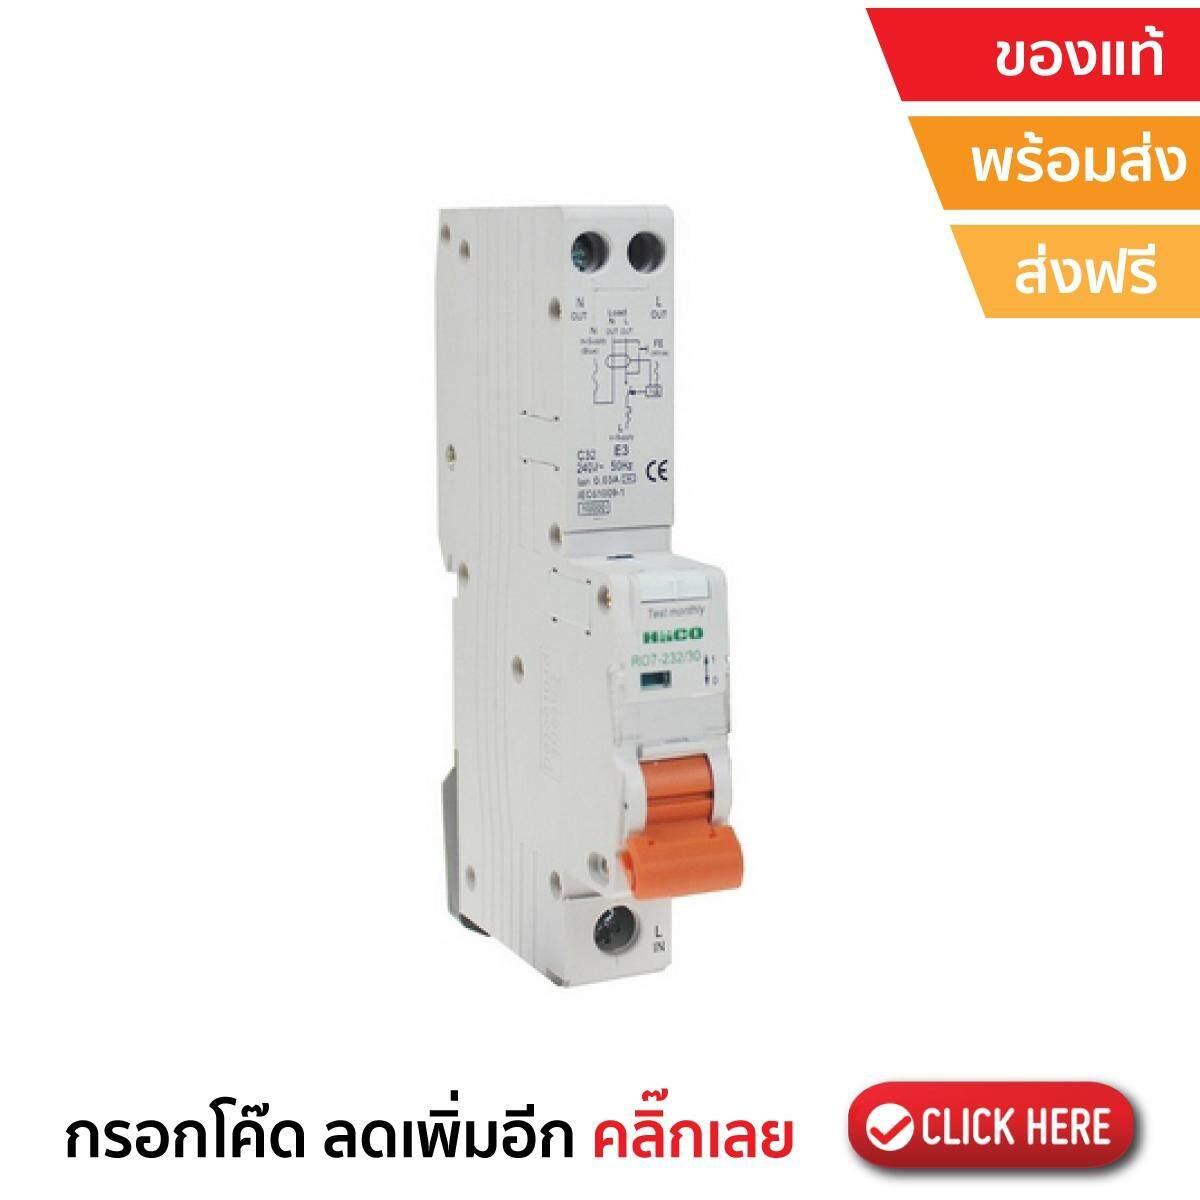 เบรคเกอร์ไฟฟ้า เบรกเกอร์ไฟฟ้า เบรคเกอร์ กล่องเบรคเกอร์ ตู้เบรคเกอร์ dc circuit breaker ได้มาตรฐาน มีอายุการใช้งานที่ยาวนาน RESIDUAL CURRENT DEVICE FLUSH เบรกเกอร์กันไฟรั่ว RO7-232/30 32A 2P HACO ส่ง